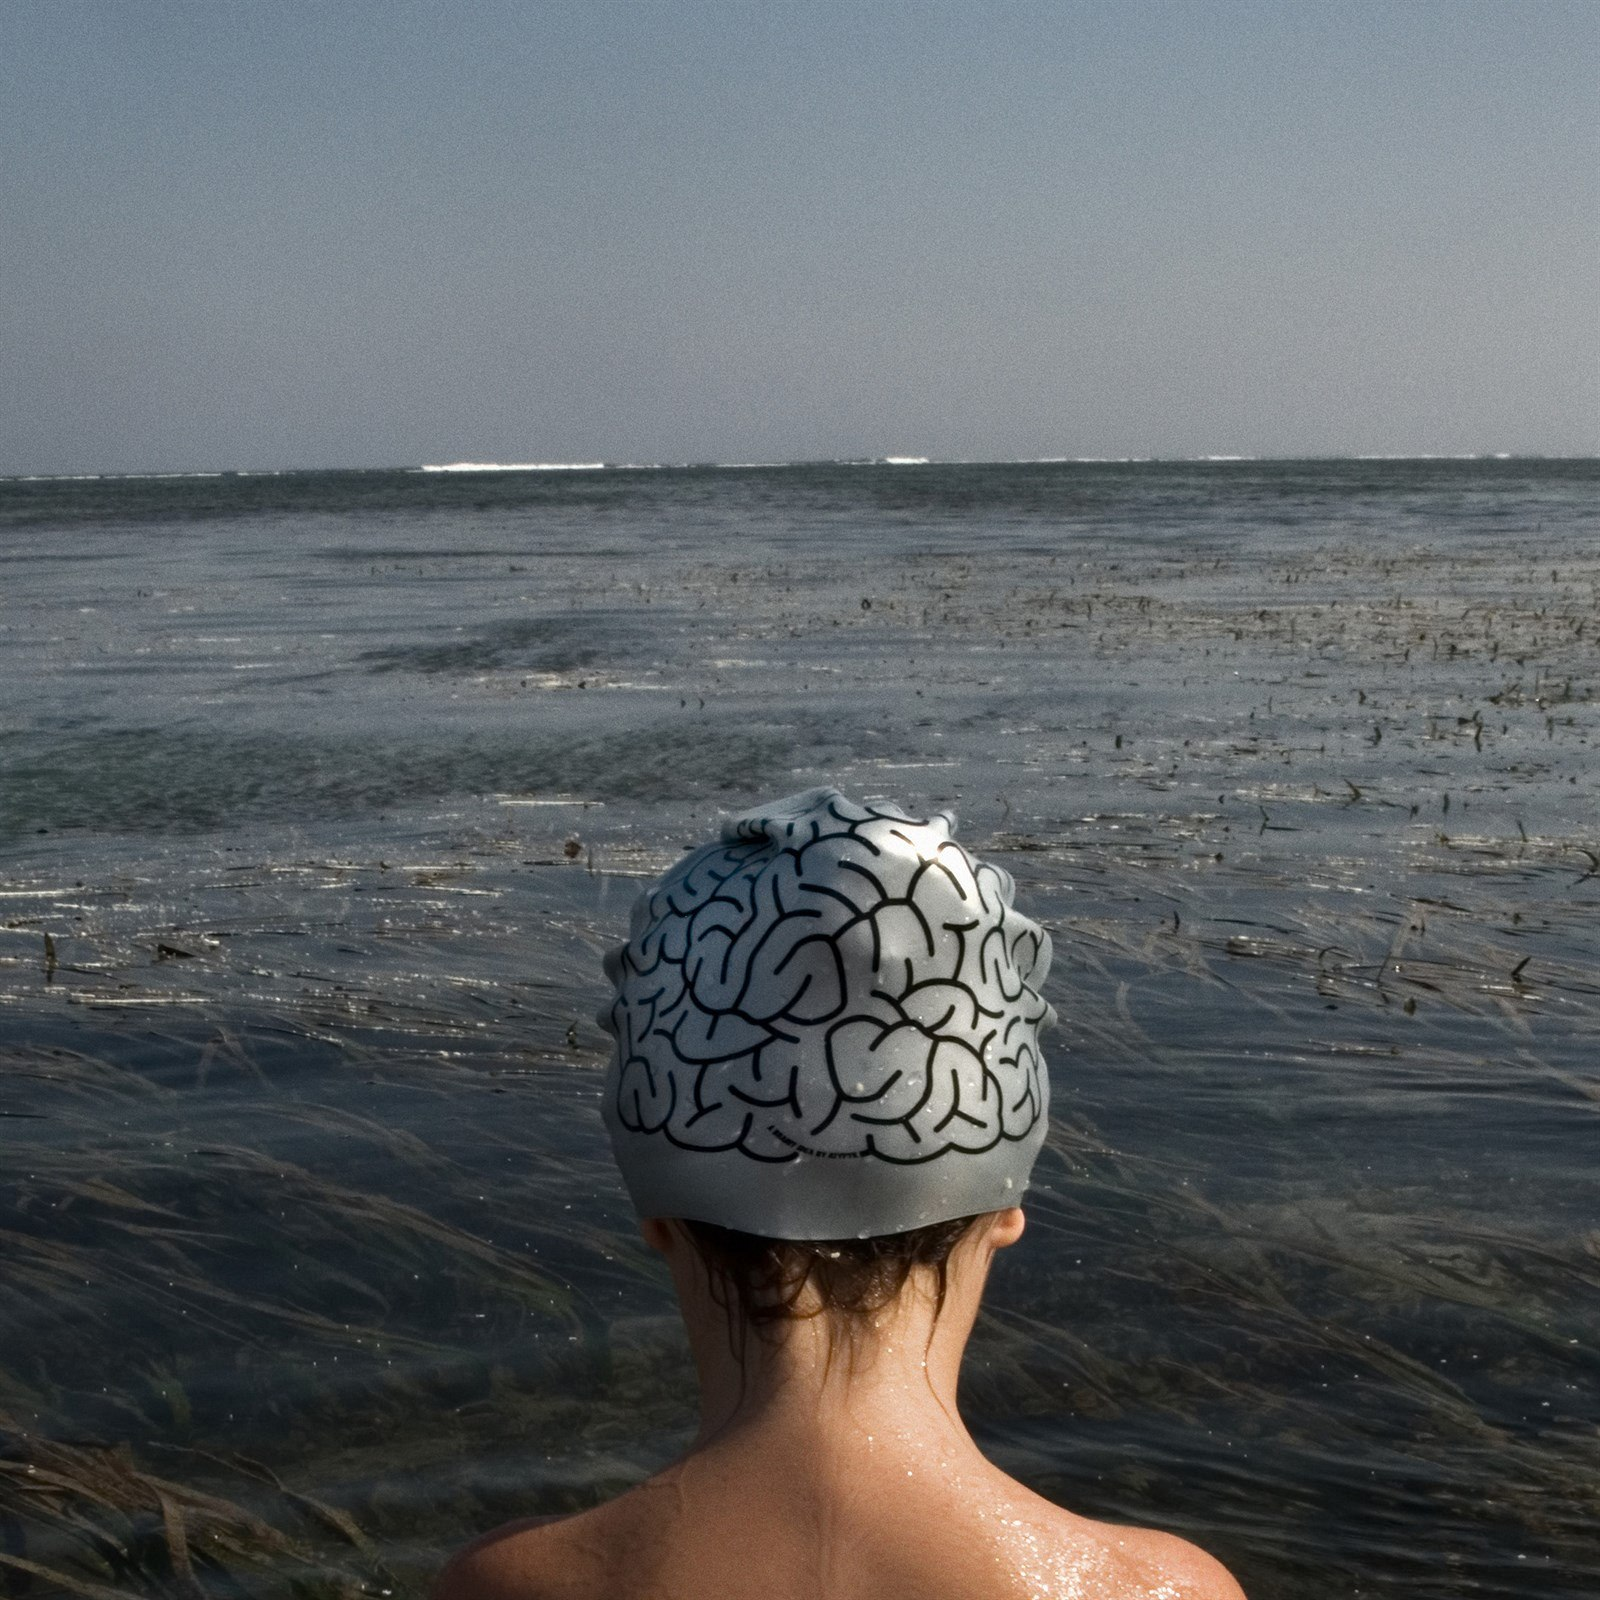 malé dívky MICHAELA SPURNÁ, volná fotografka: Ona. Portrét dokumentující svět malé dívky, 2015.